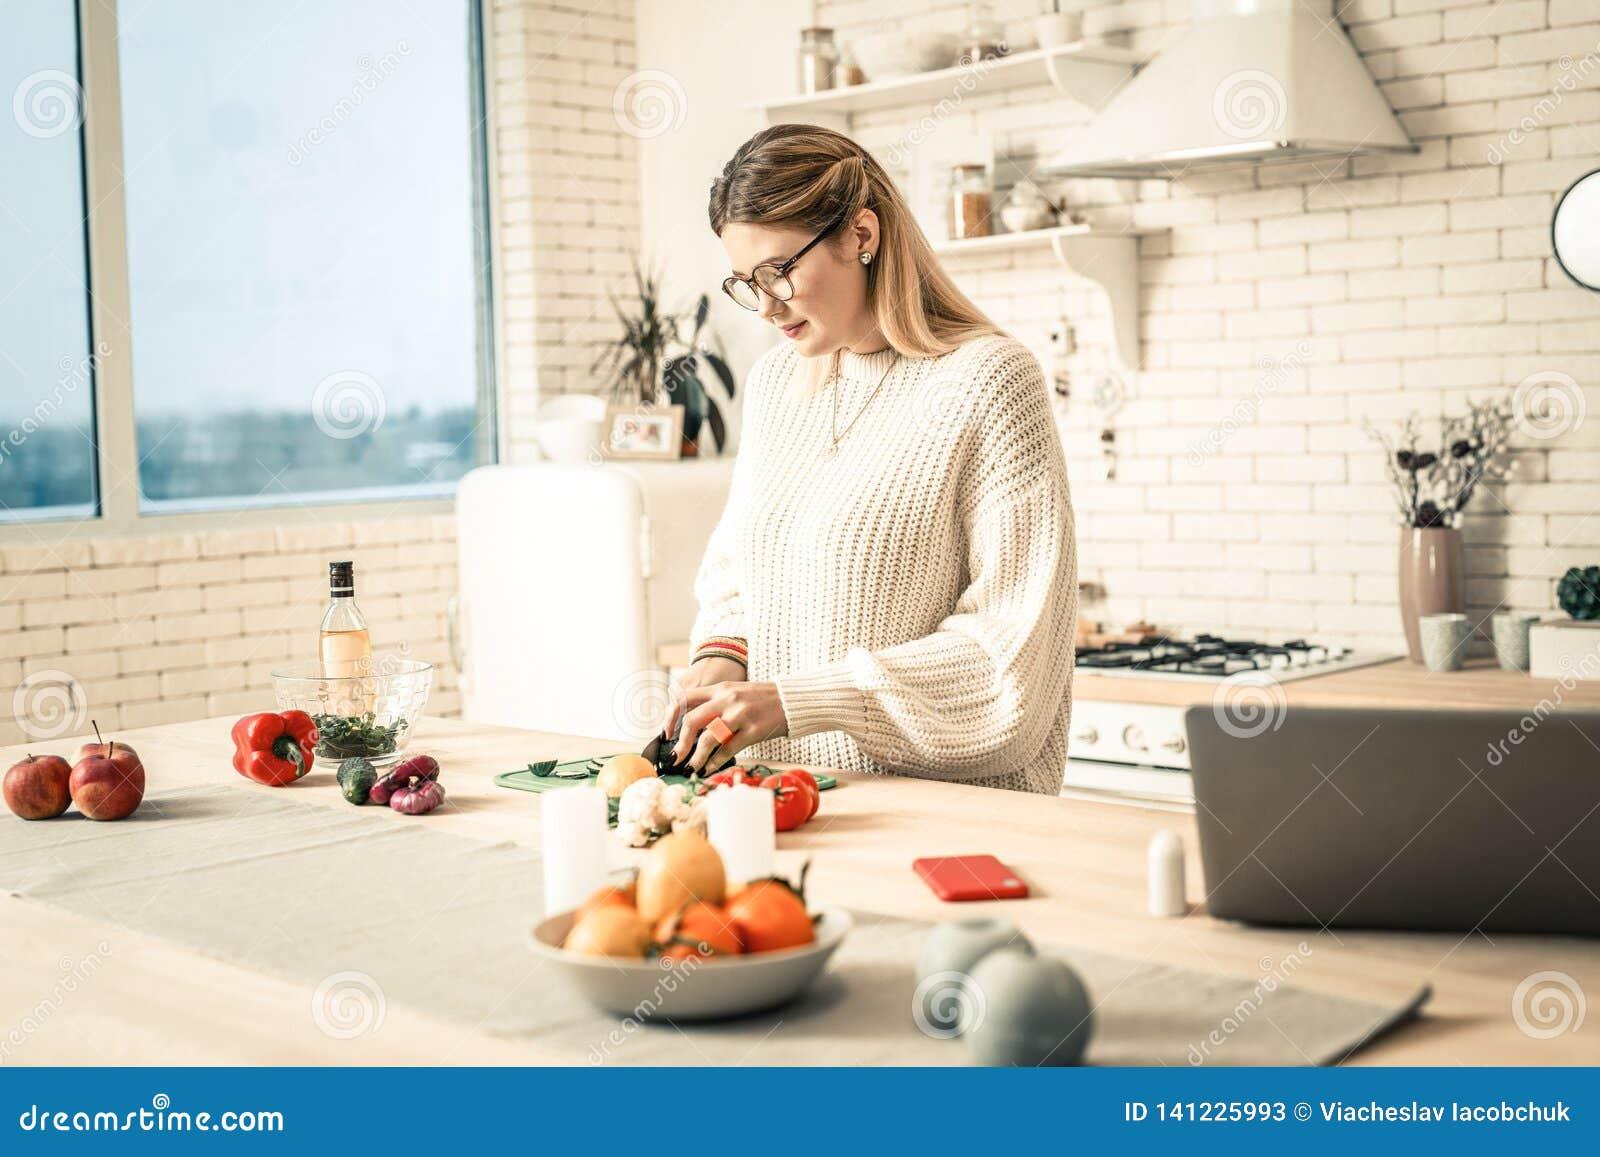 Aufmerksame fleißige Dame, die Gemüse während des Vorbereitungsprozesses schneidet